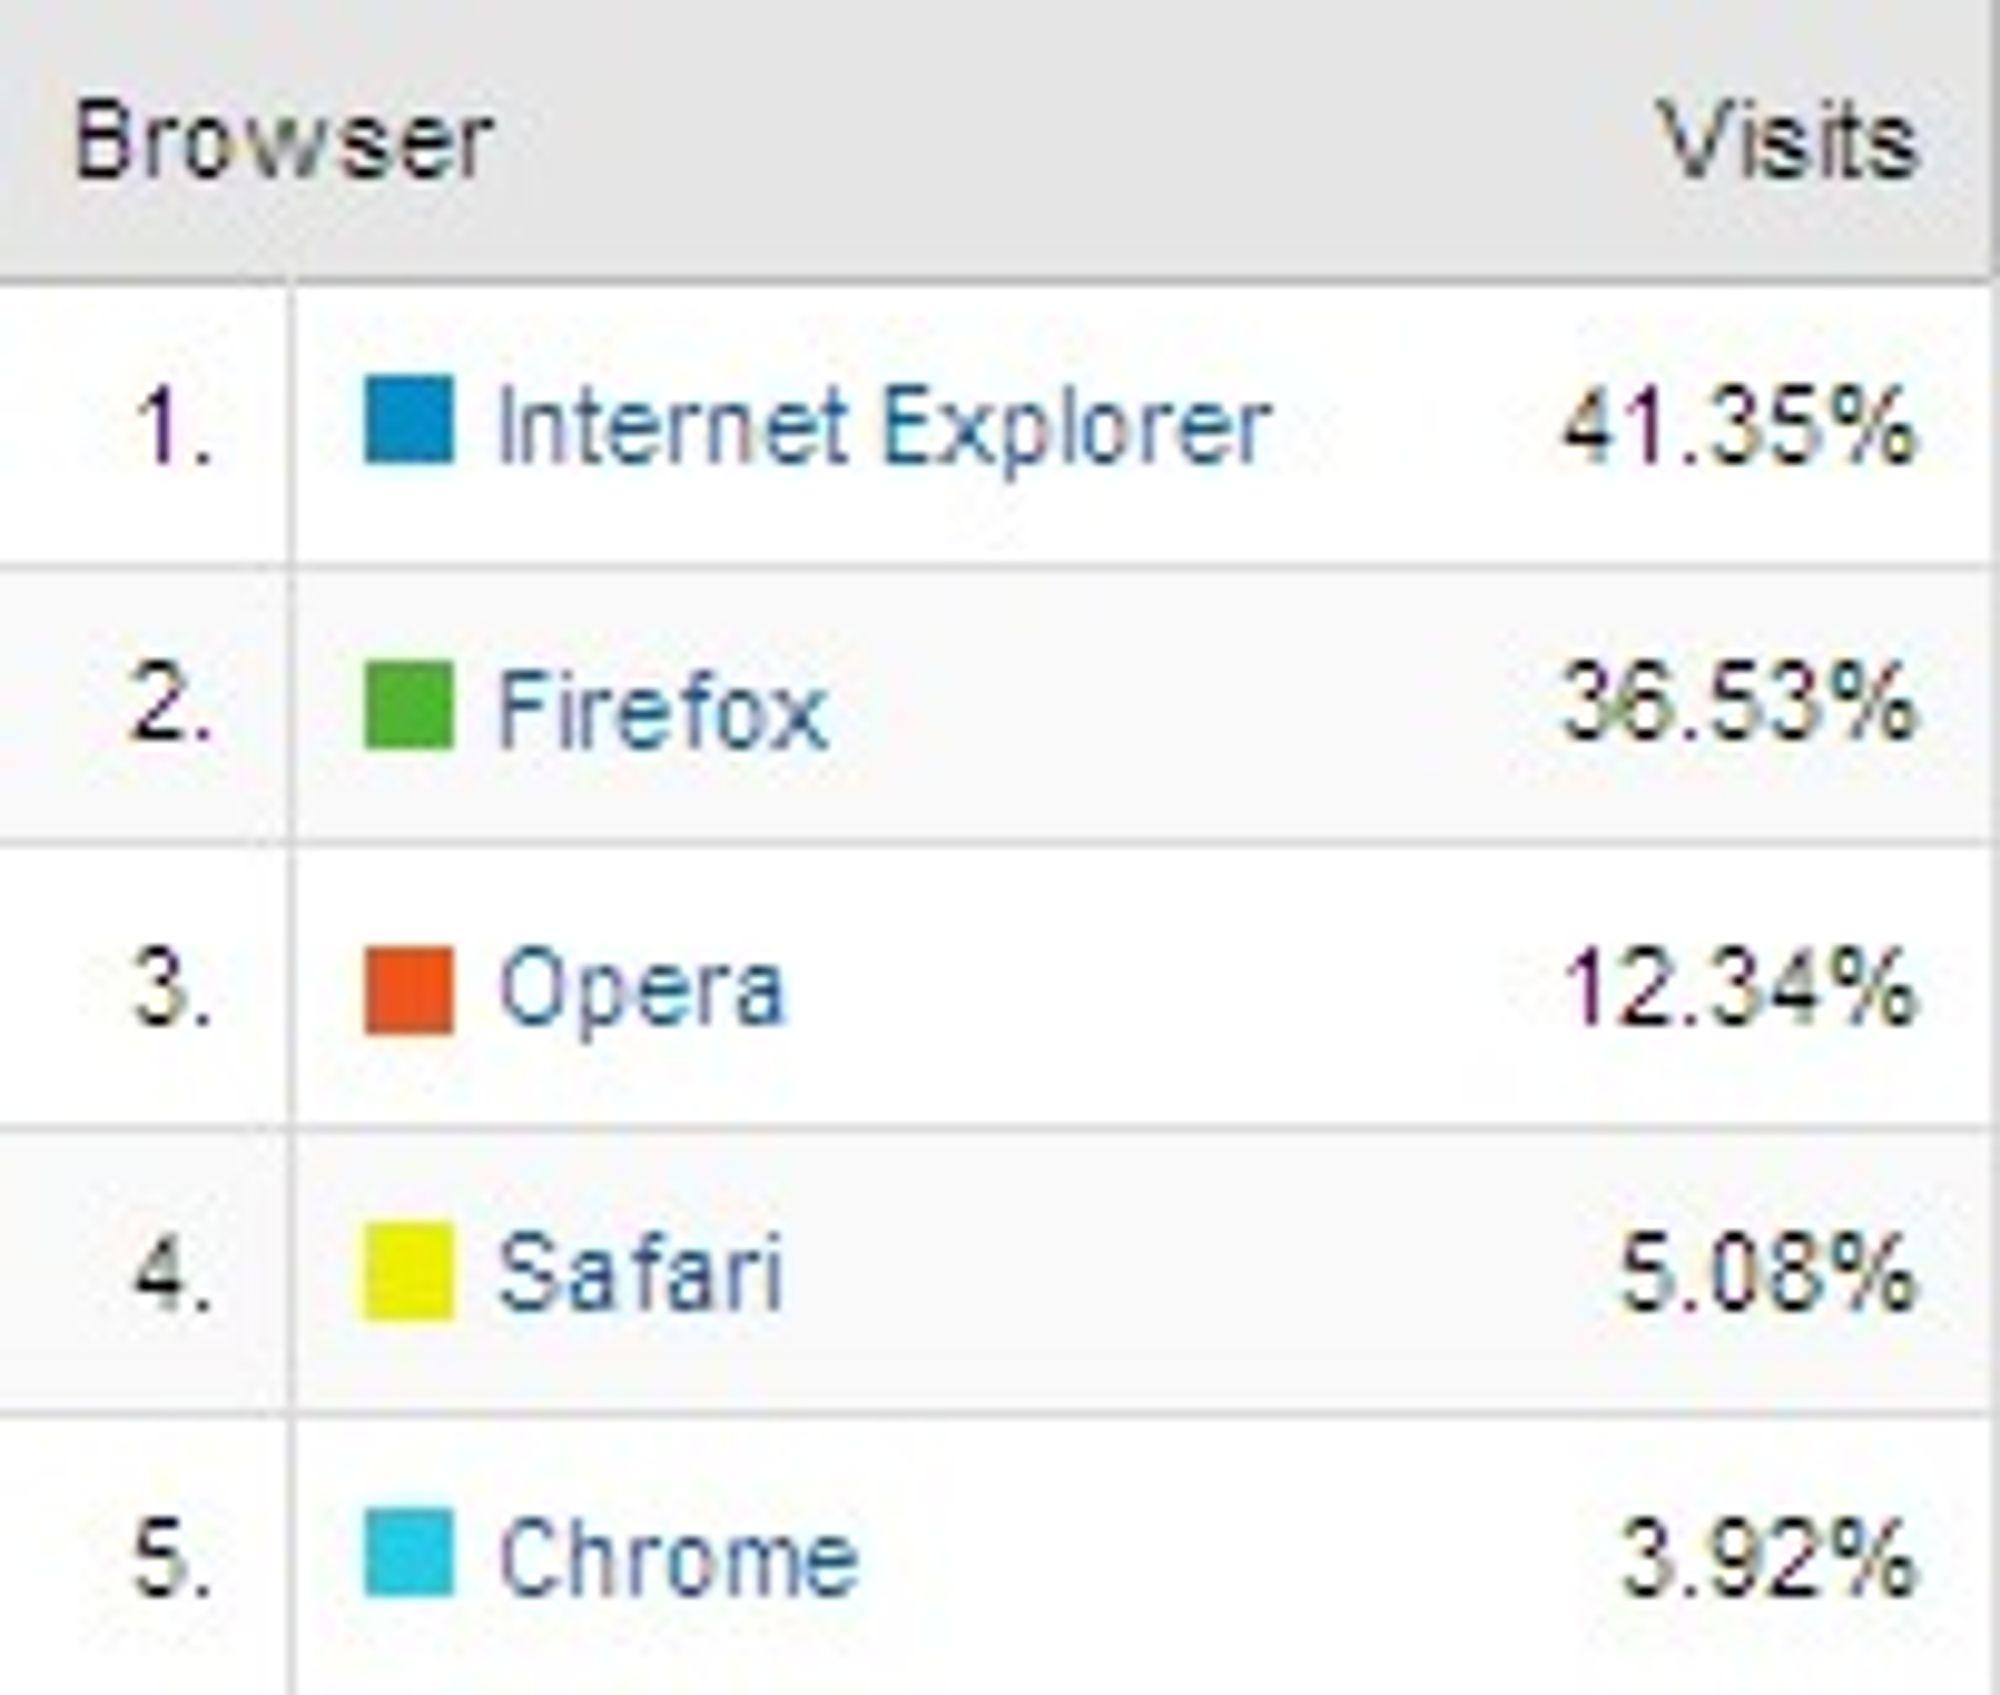 Nettleserandel på digi.no i januar 2009. Tall fra Google Analytics.